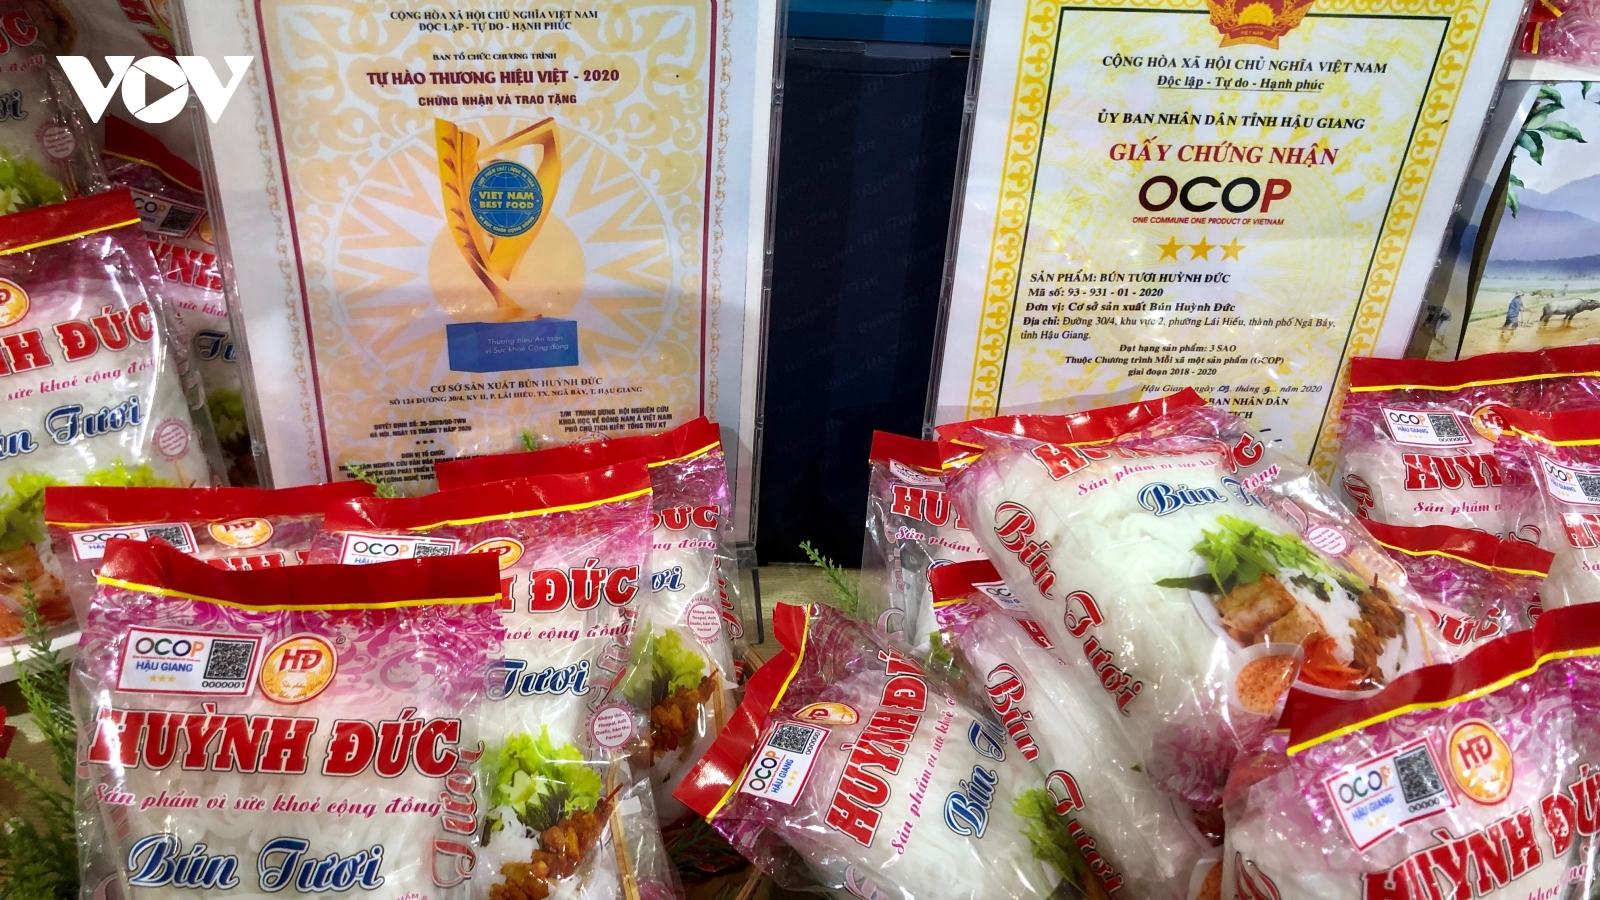 Hậu Giang tổ chức Hội chợ Công thương và sản phẩm OCOP khu vực phía Nam